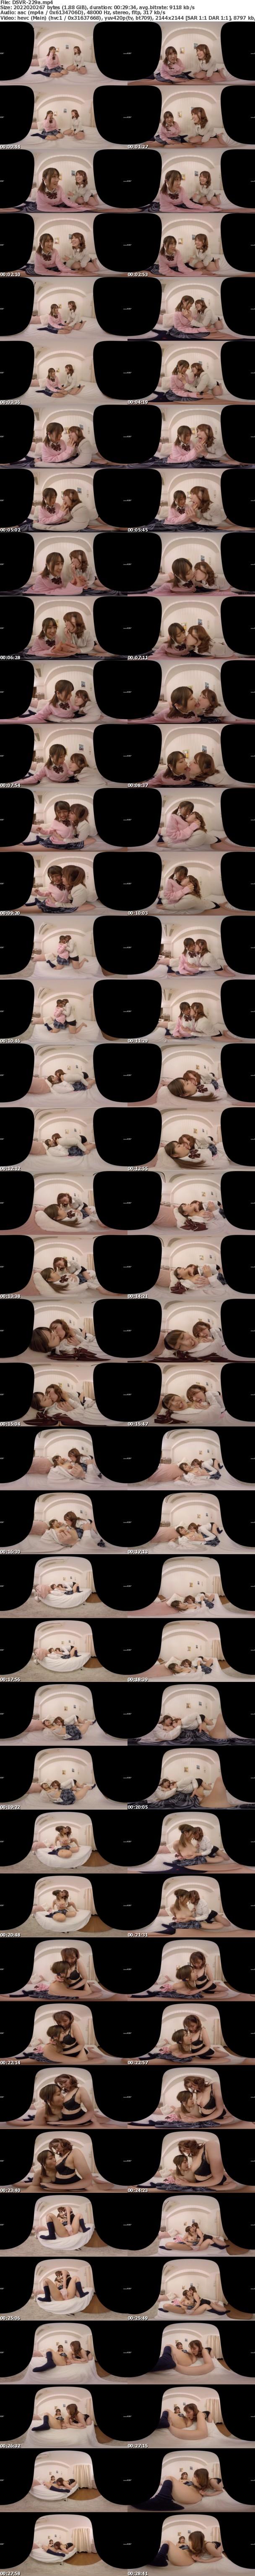 VR/3D [3DSVR-0229] 【VR】ガチイキ本気レズ 【超ディープレズキスも相互手マンも、全て目の前で体感できる!】 波多野結衣・涼海みさ